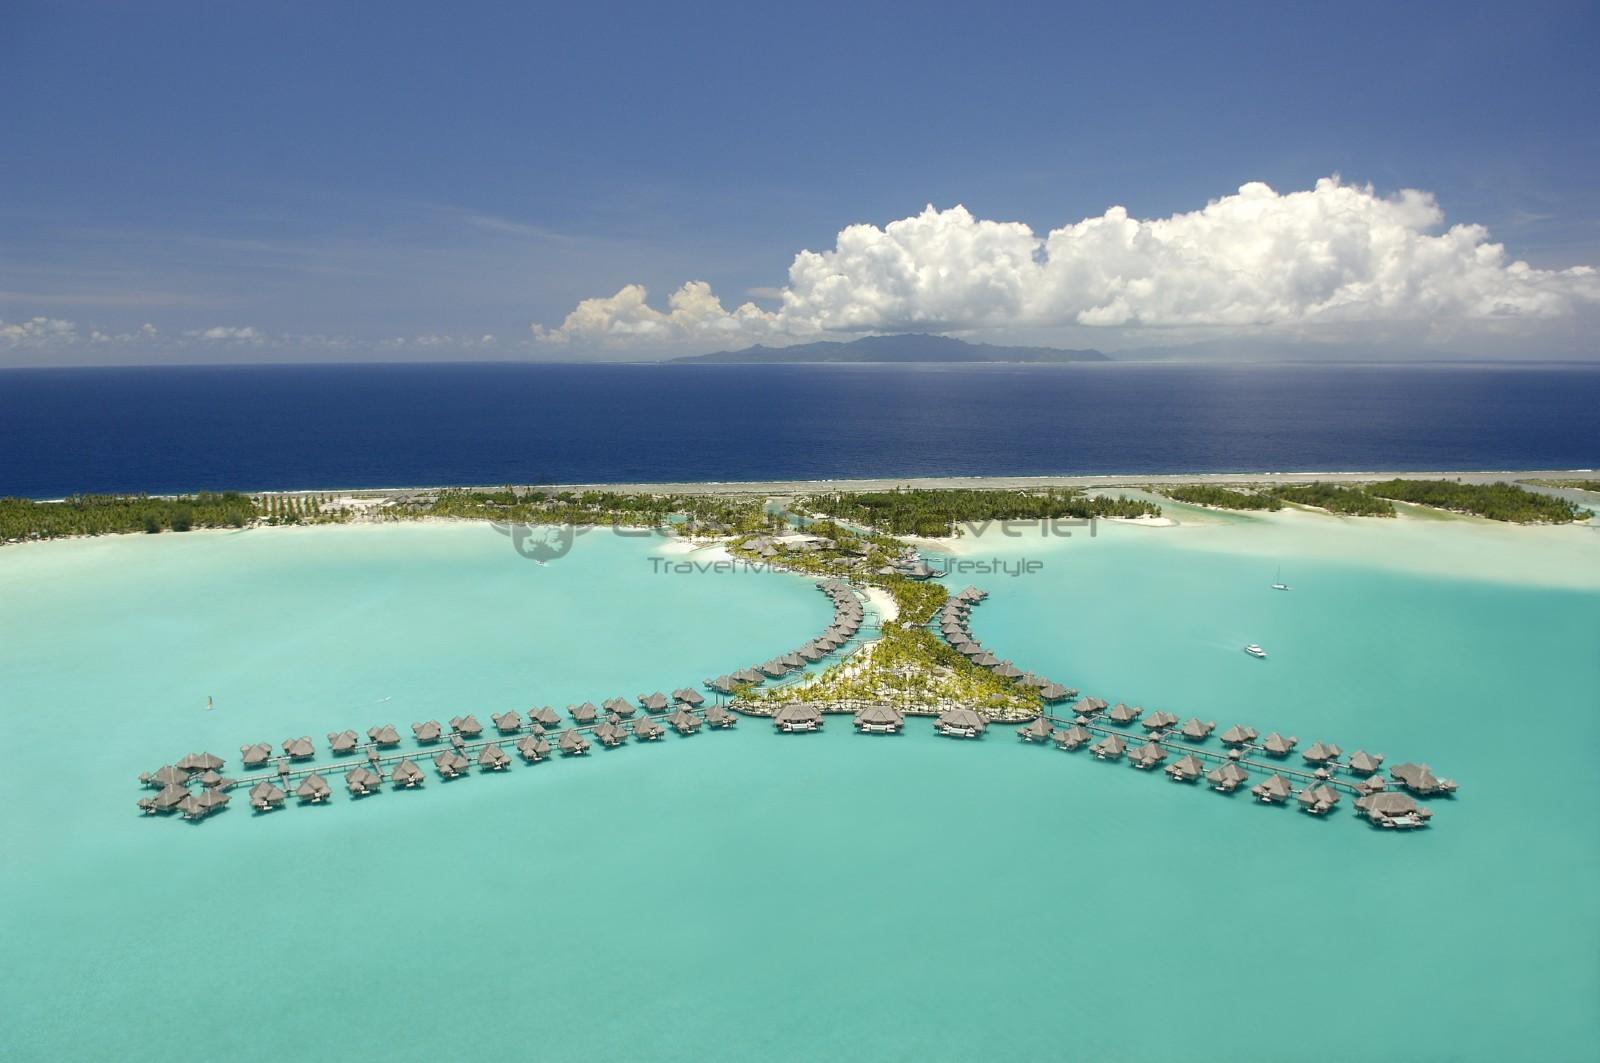 St_Regis_Bora_Bora_French_Polynesia_Aerial_Luxury